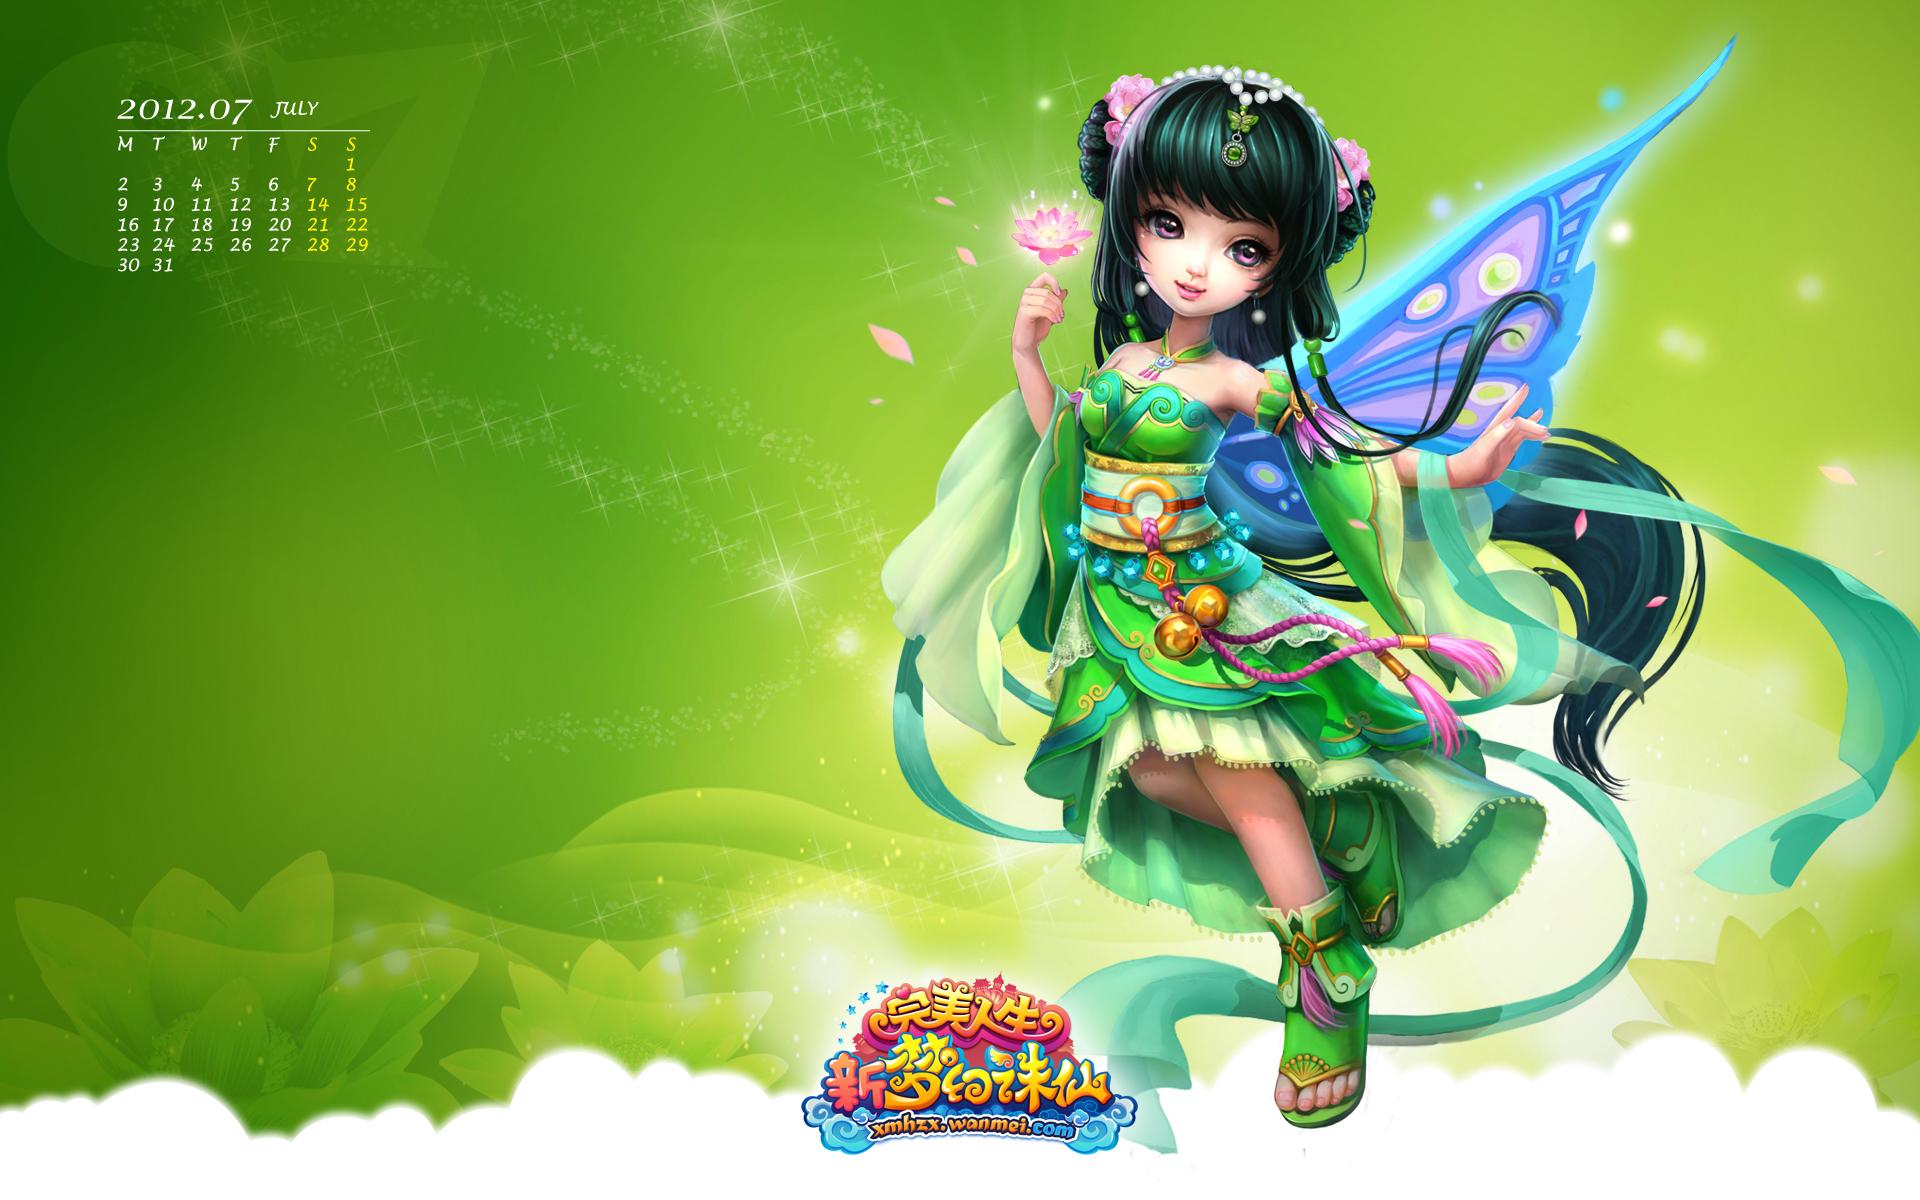 游戏壁纸 - 《梦幻诛仙2》官方网站